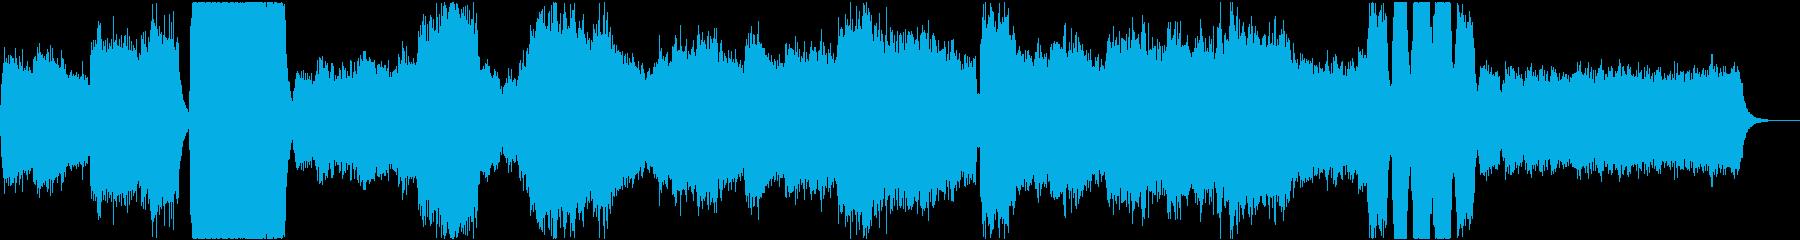 悲しみの声の再生済みの波形